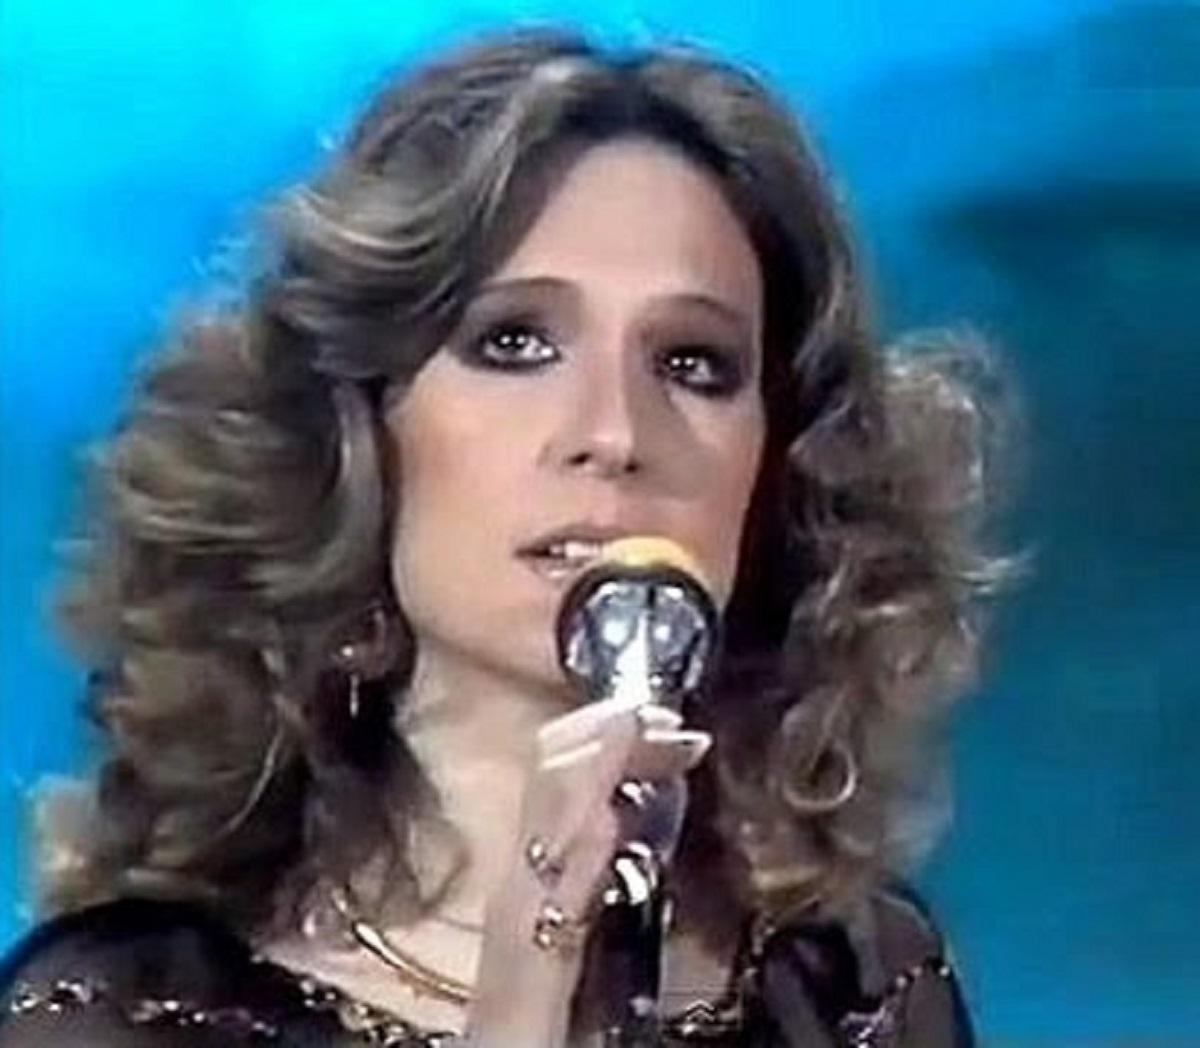 Loretta Goggi esibizione Maledetta Primavera critiche addio social